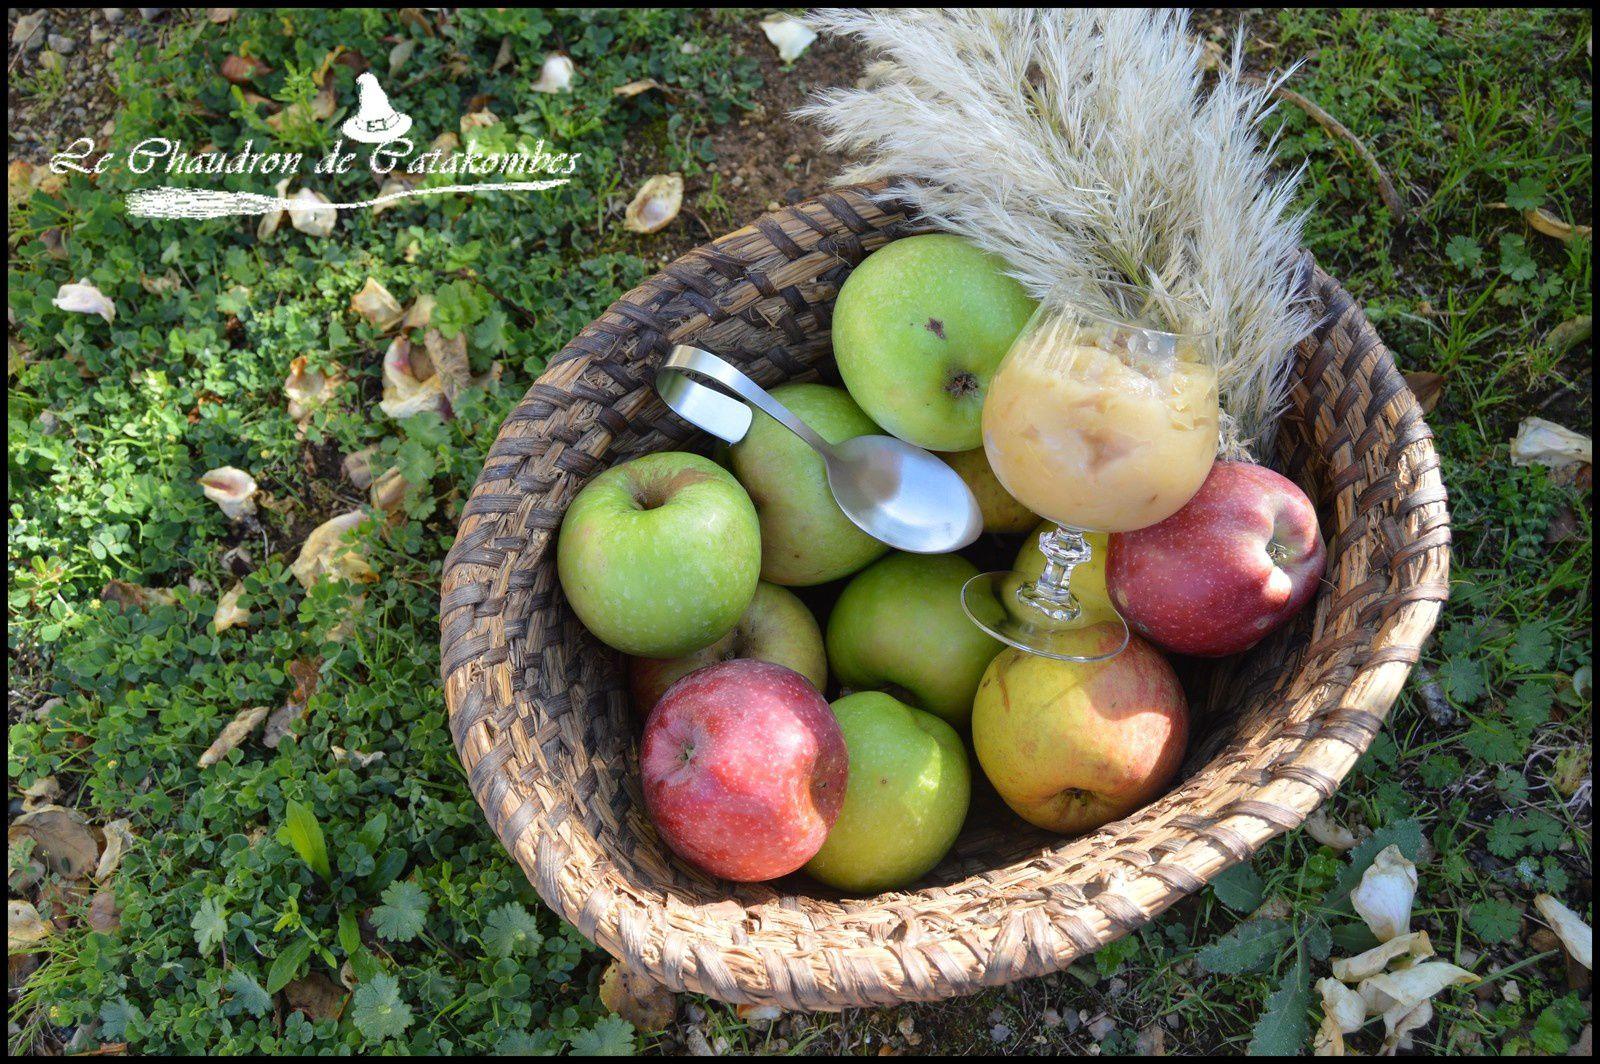 Les pommes tombent dans nos jardins et atterrissent sur nos tables. Après la tarte traditionnelle tarte aux pommes, voici donc une compote à l'ancienne qui ravira petits et grands.